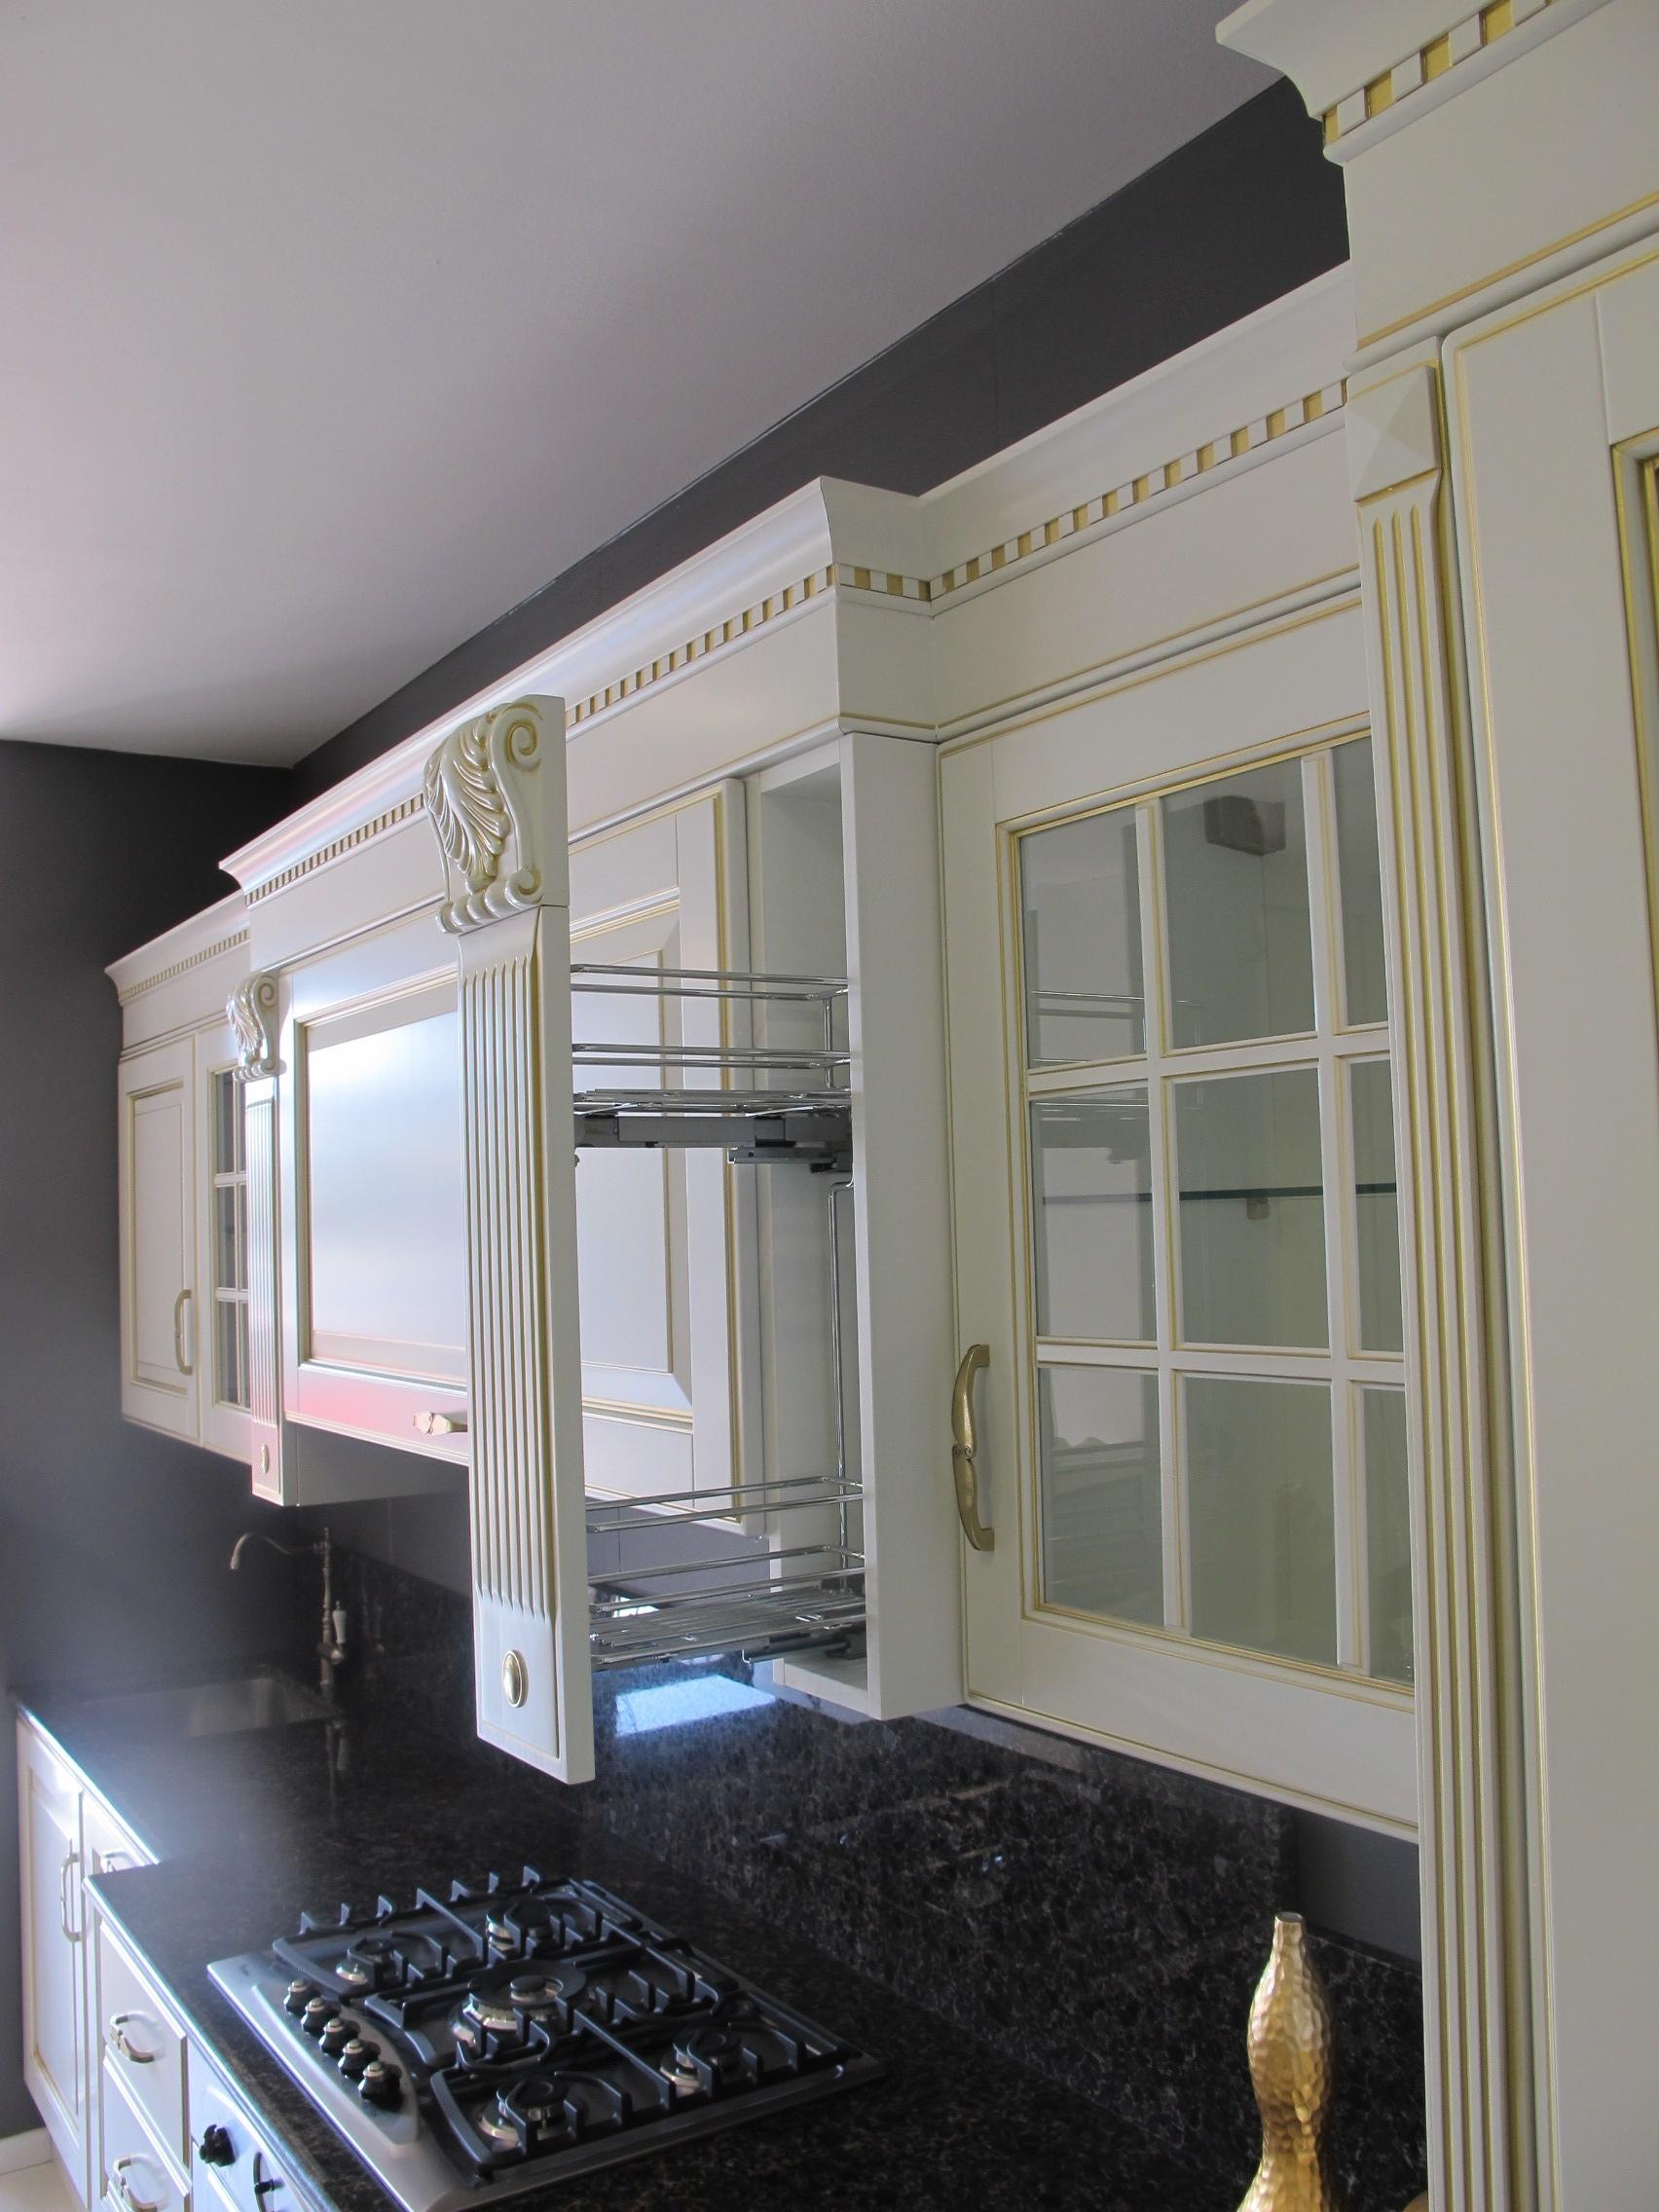 Scavolini cucina baltimora classica laccata opaco bianco for Cucina baltimora scavolini